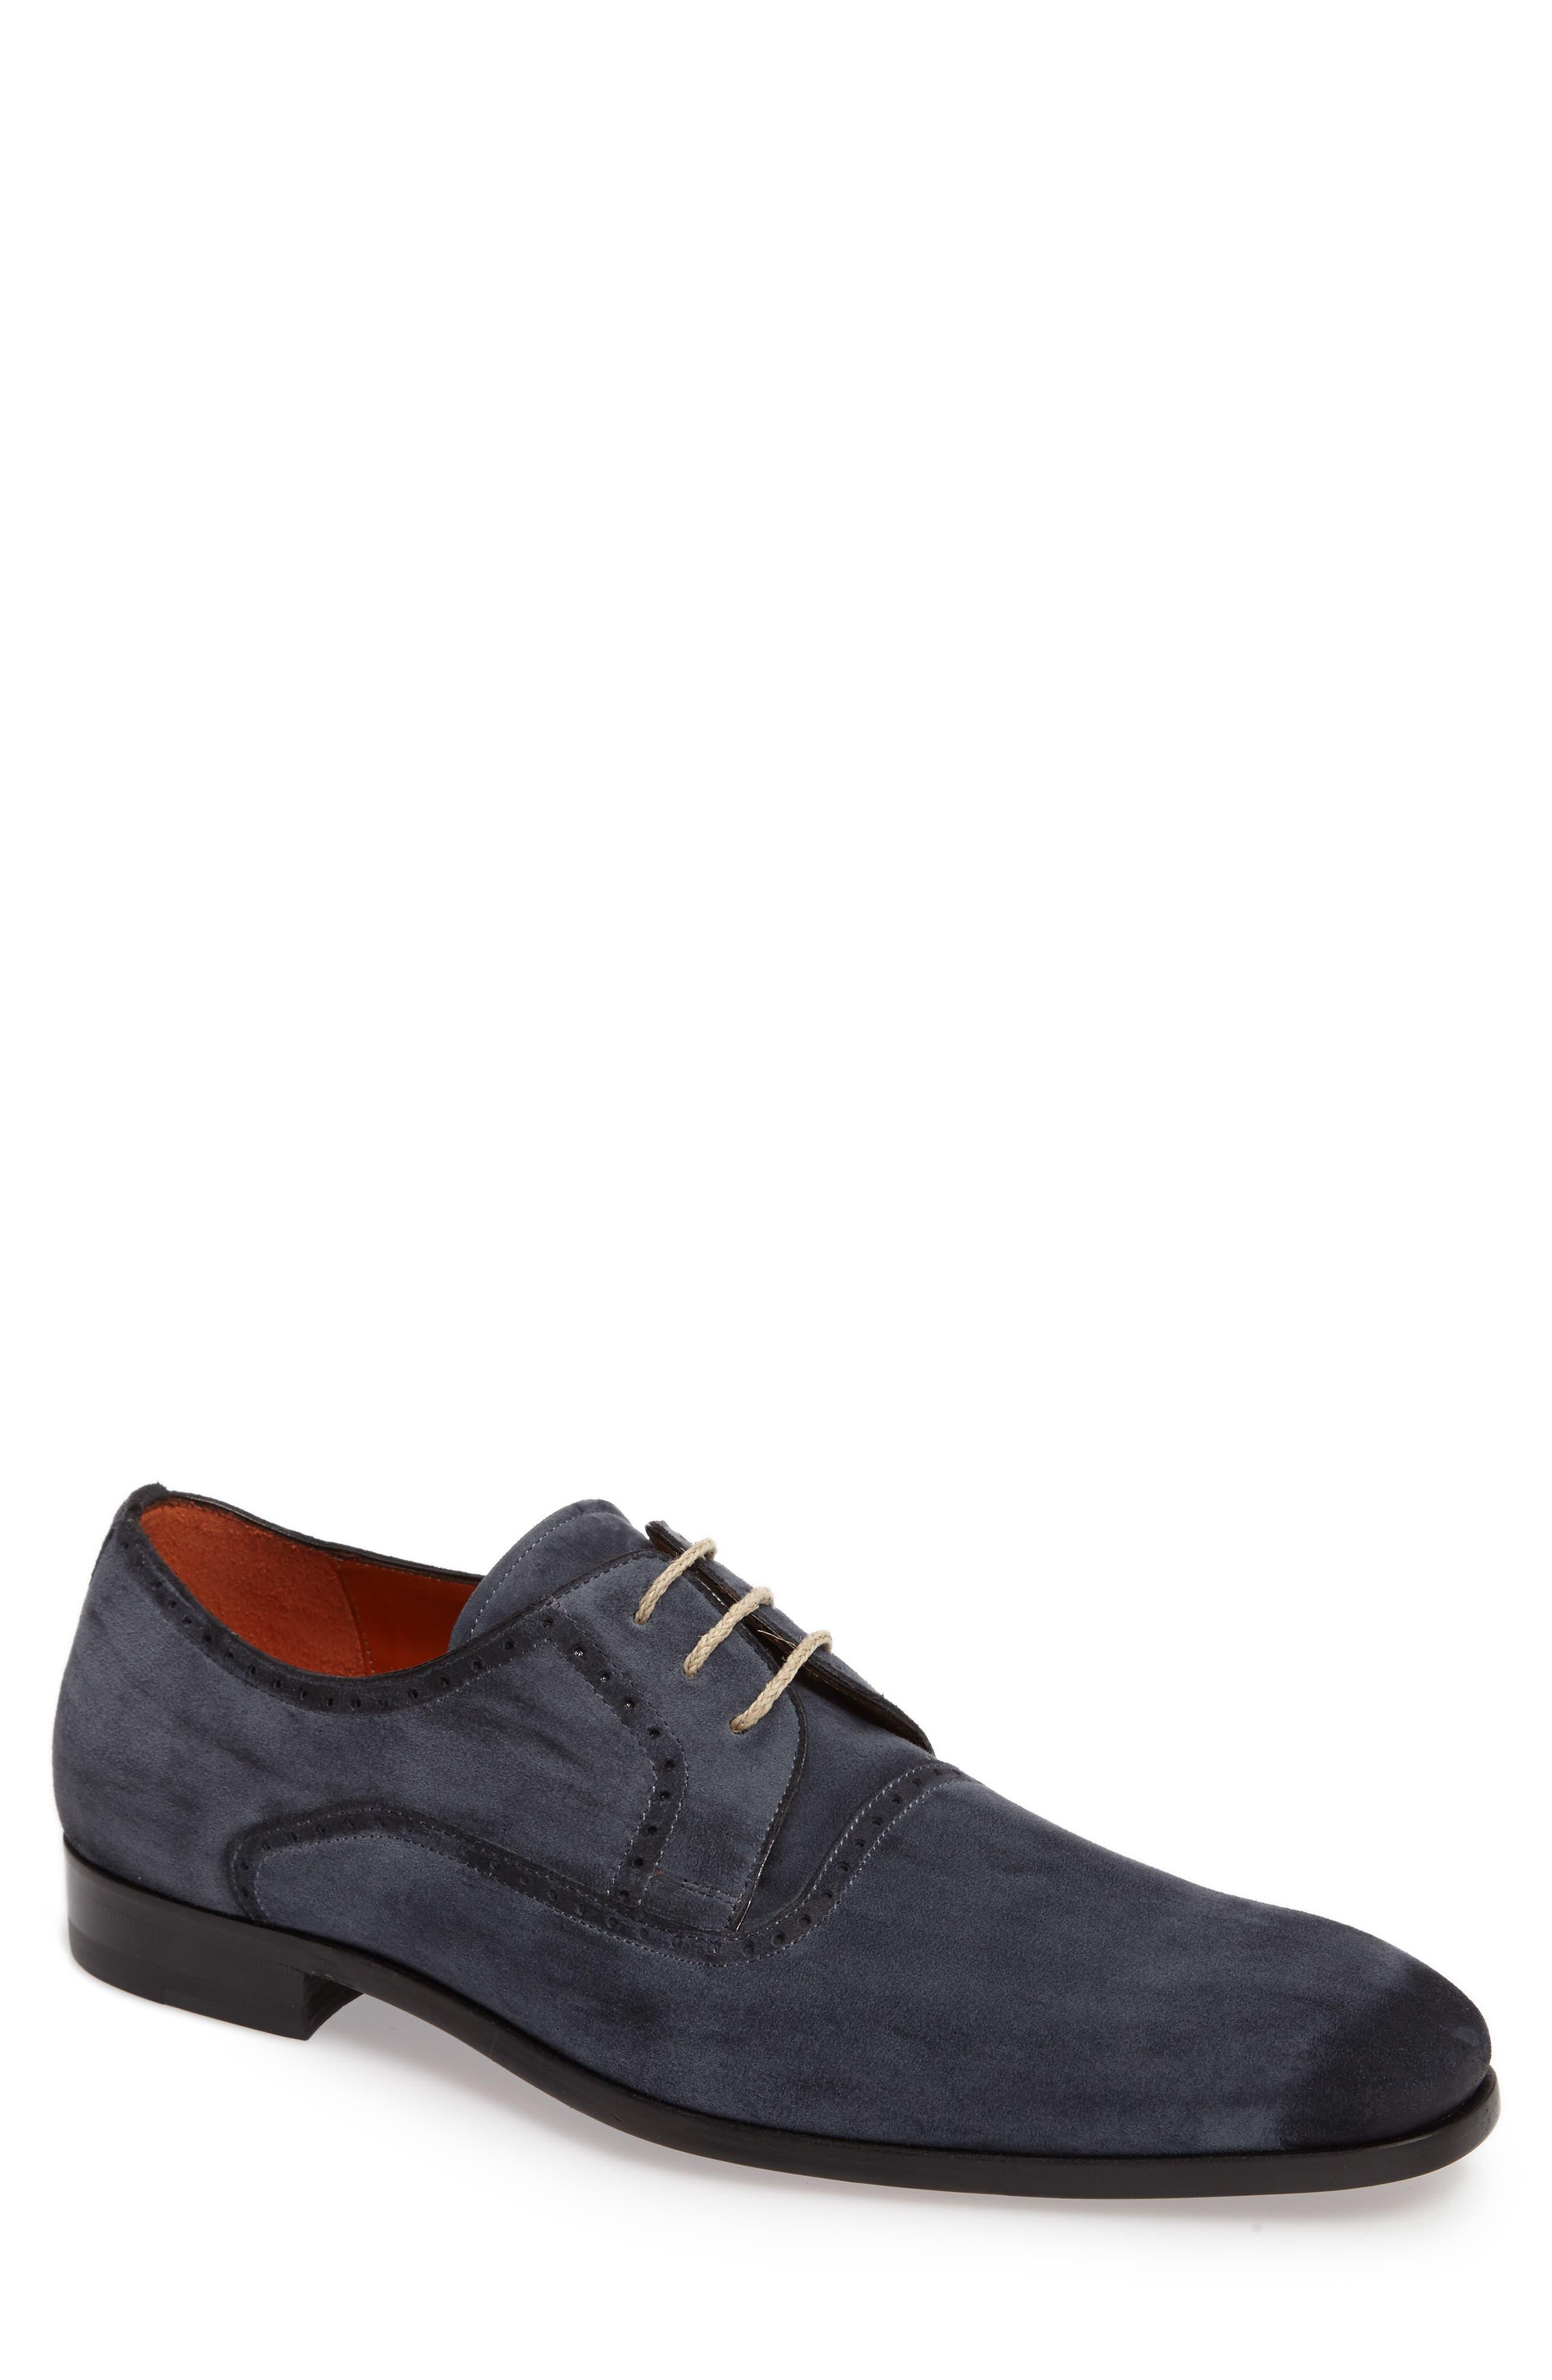 Euclid Plain Toe Derby,                         Main,                         color, 020